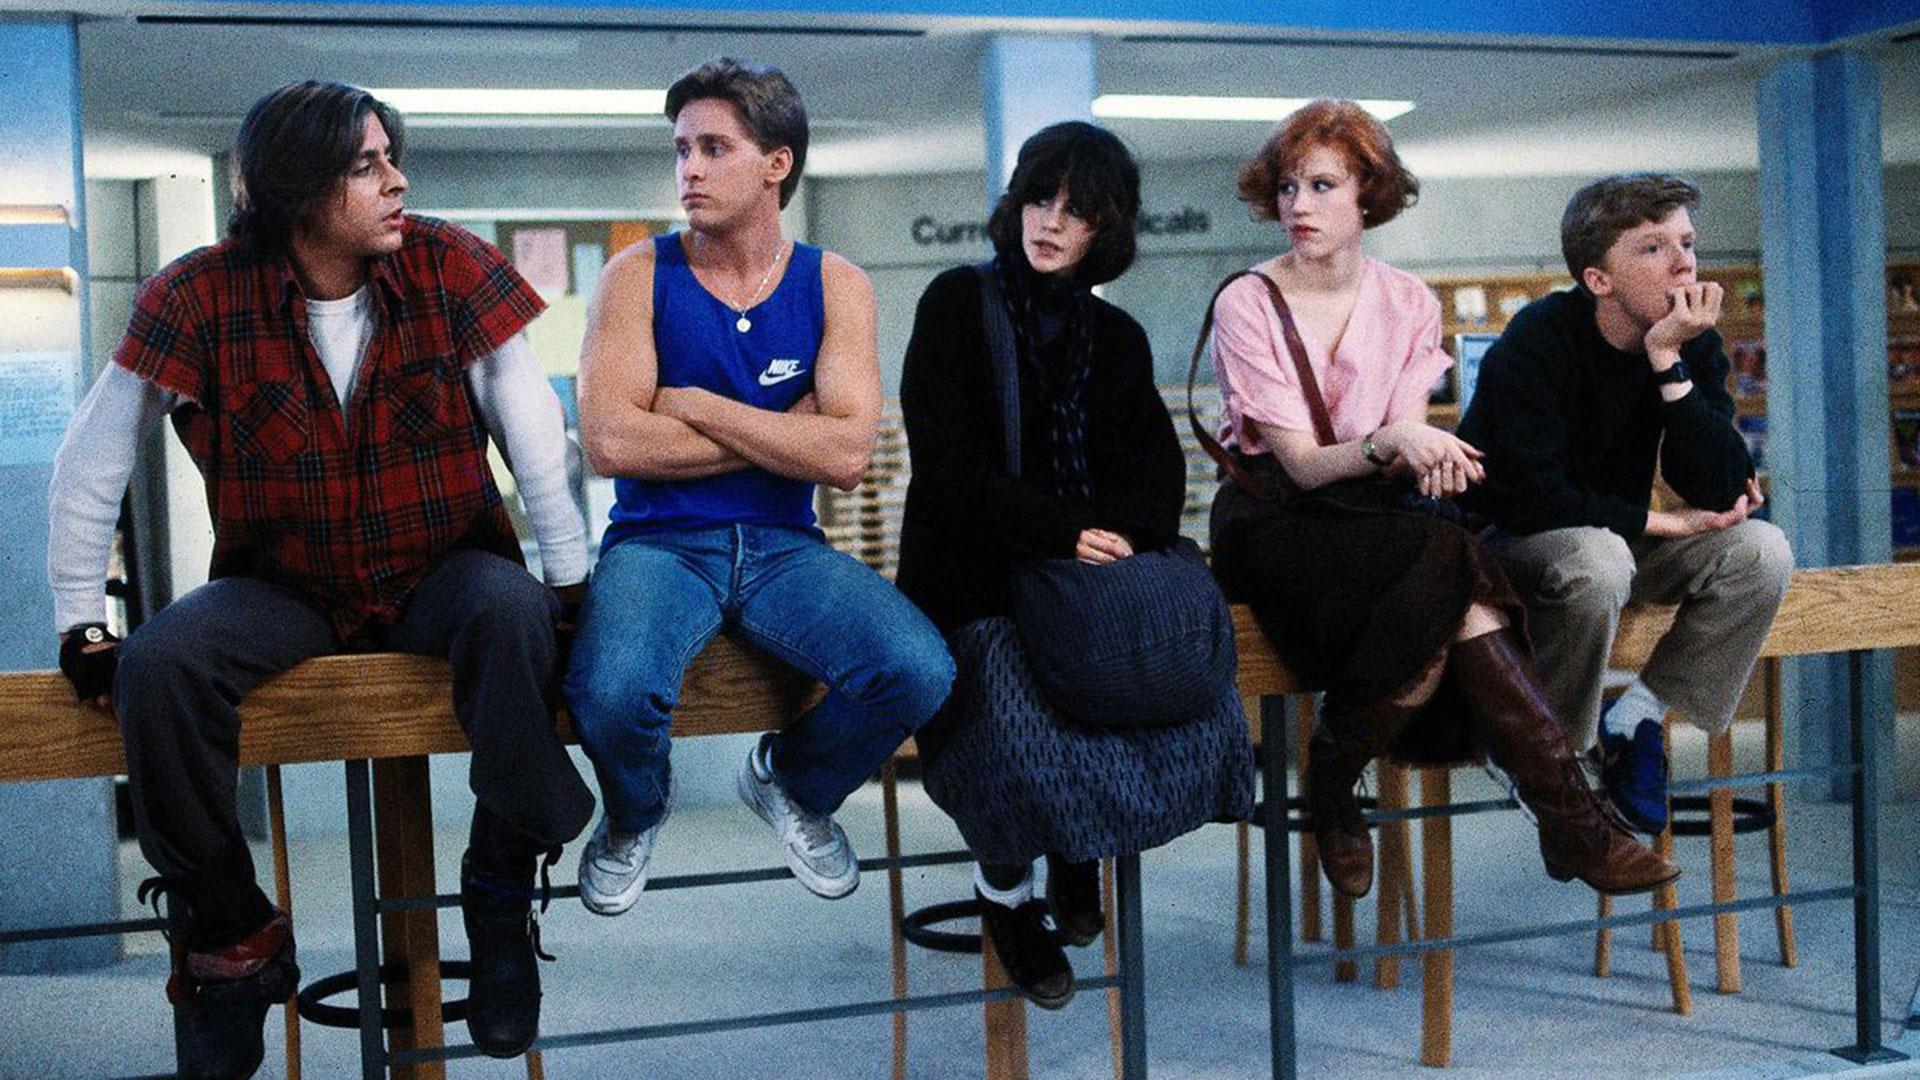 The Breakfast Club debutó en 1985 y se convirtió en un clásico de culto